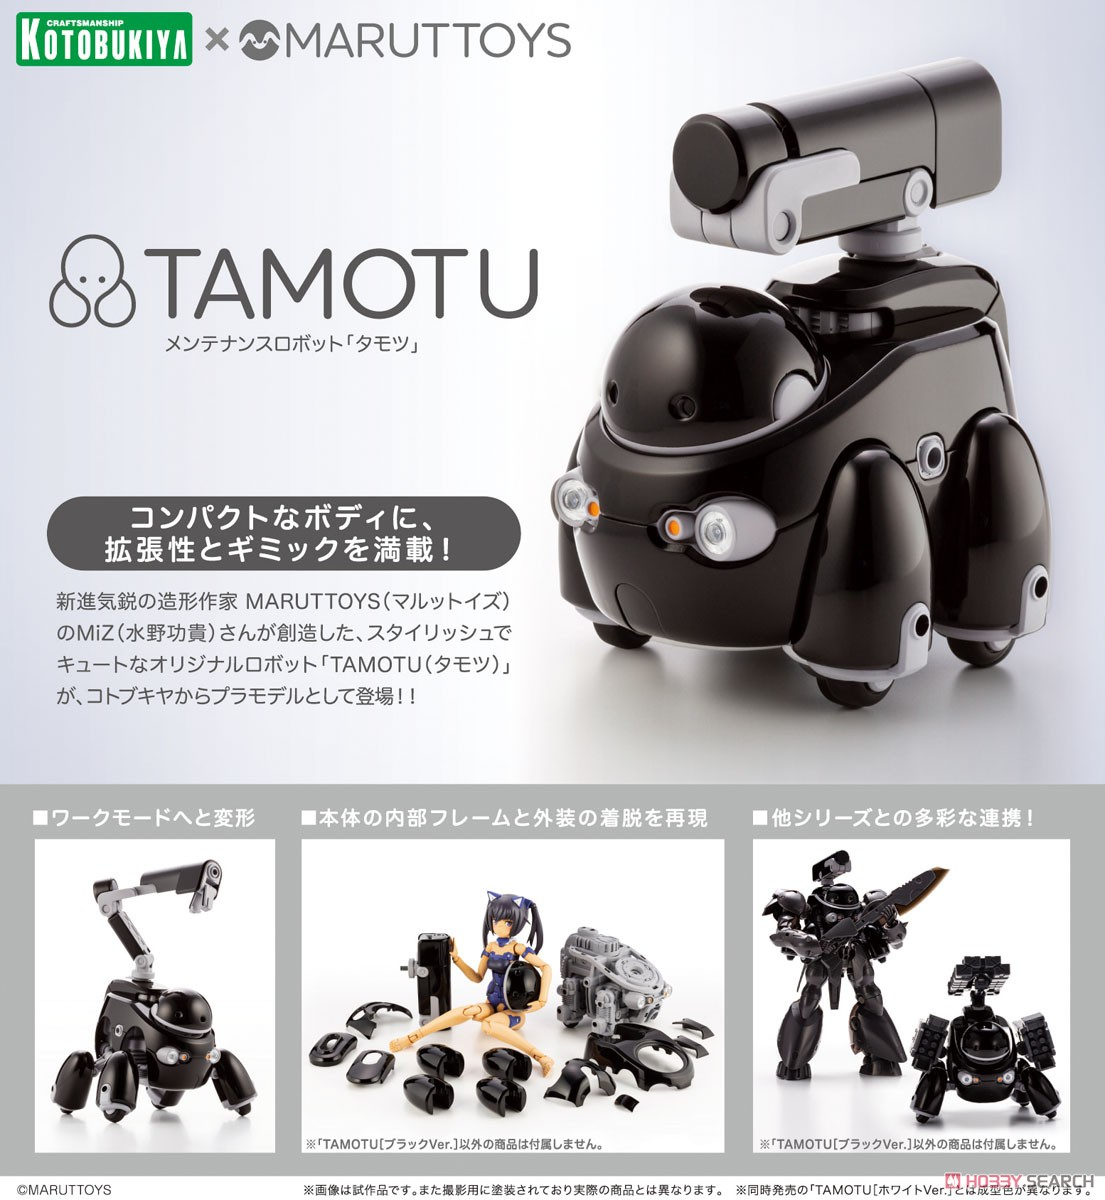 MARUTTOYS『TAMOTU[ブラックVer.]』マルットイズ 1/12 プラモデル-013